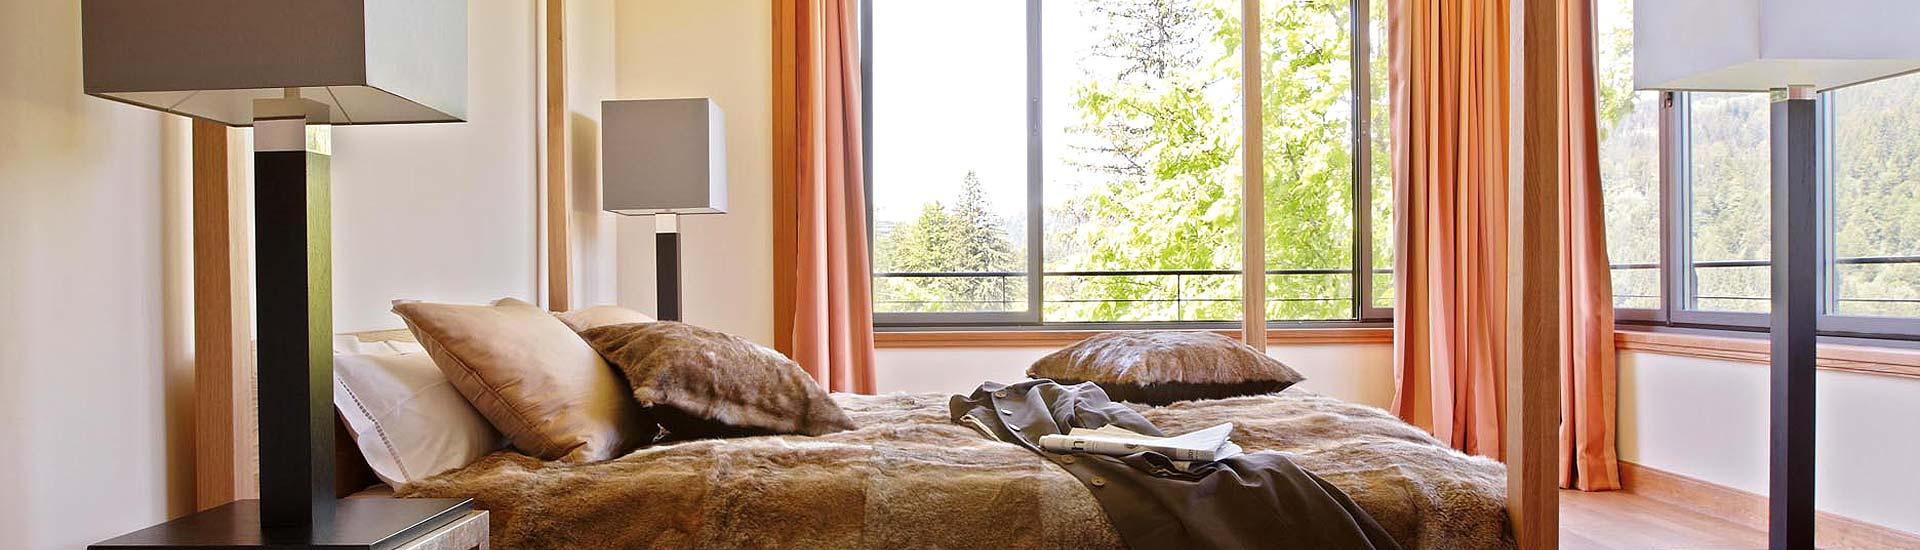 pflegetipps leder kunstleder ambiente raumausstattung. Black Bedroom Furniture Sets. Home Design Ideas